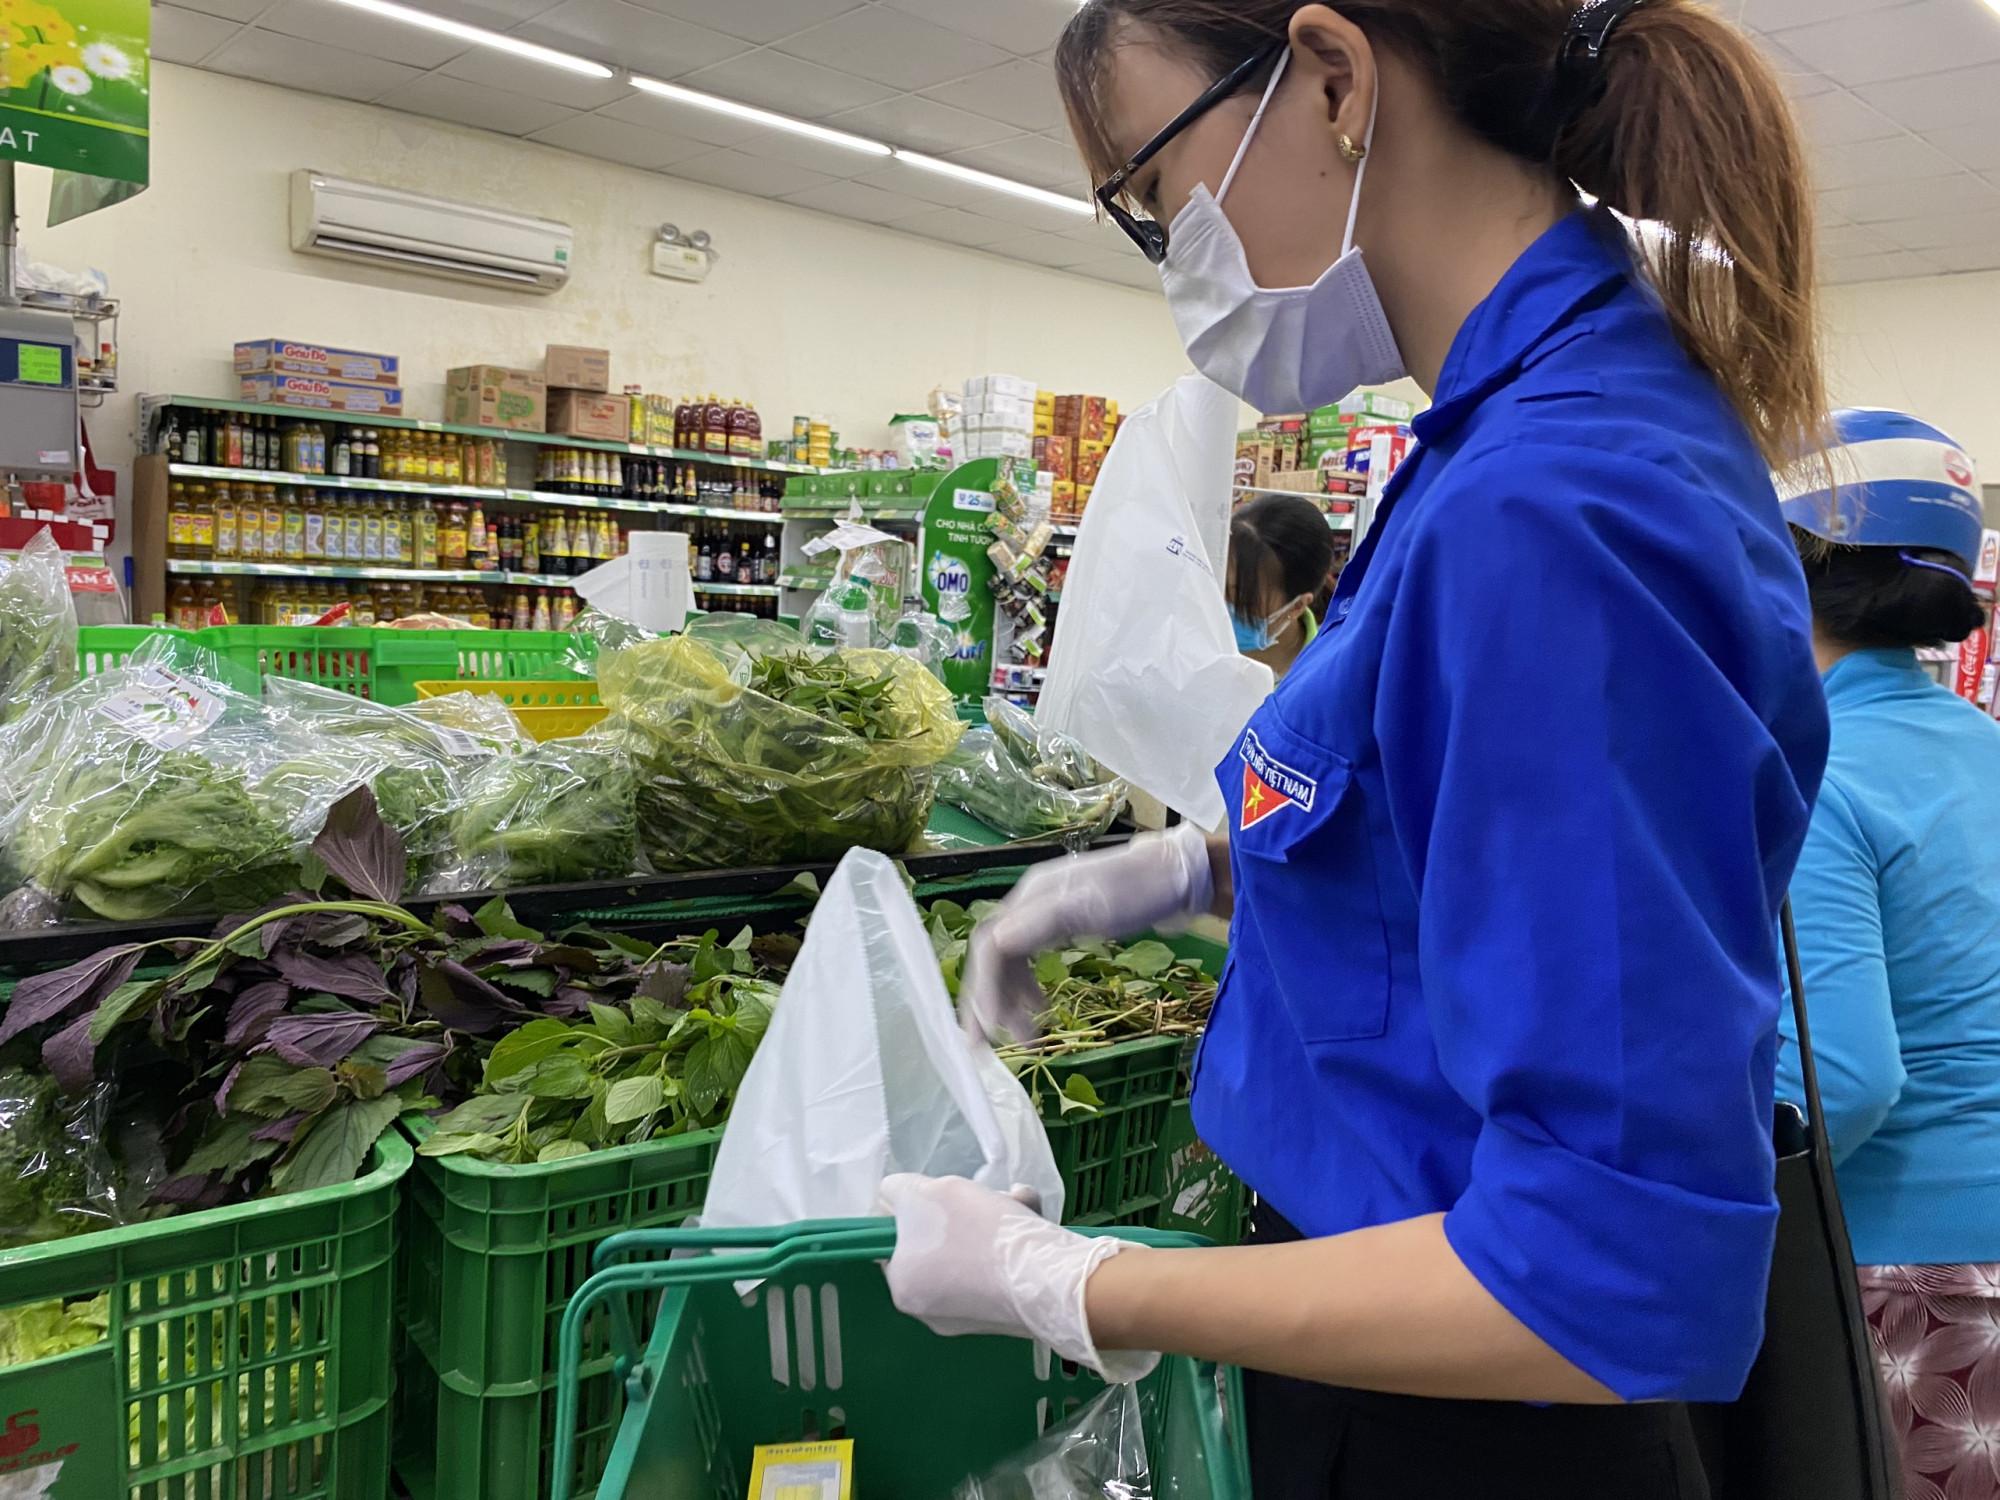 Chương trình đi chợ giúp dân của đoàn thành niên và hội phụ nữ phường Cát Lái, thành phố Thủ Đức chính thức hoạt động từ hôm nay 11/7.